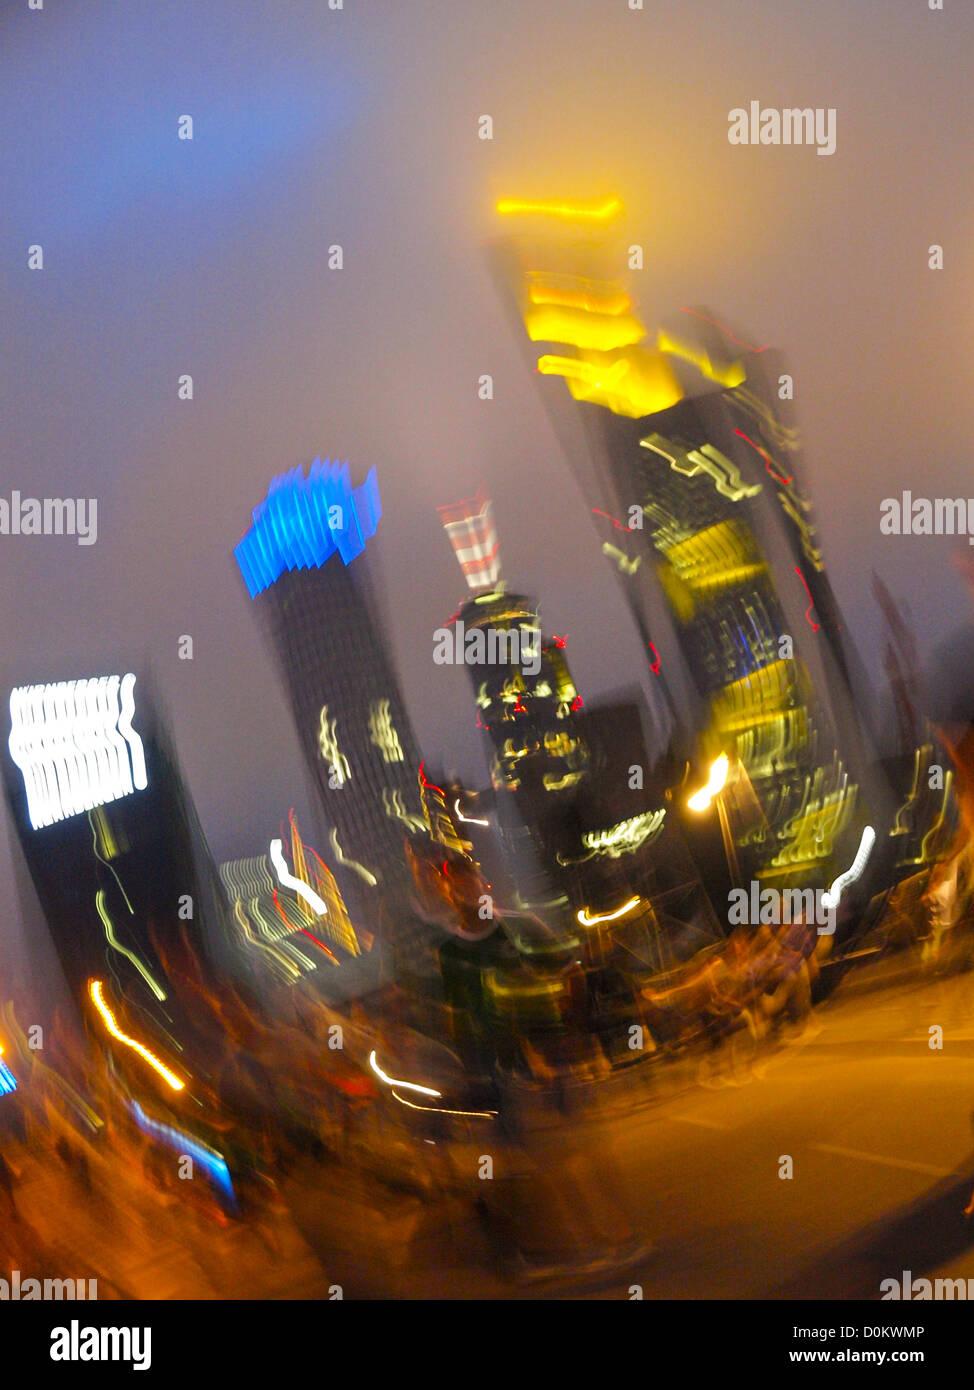 Centro financiero en el centro, euro, Alemania, Hessen, Frankfurt a. Principales Foto de stock